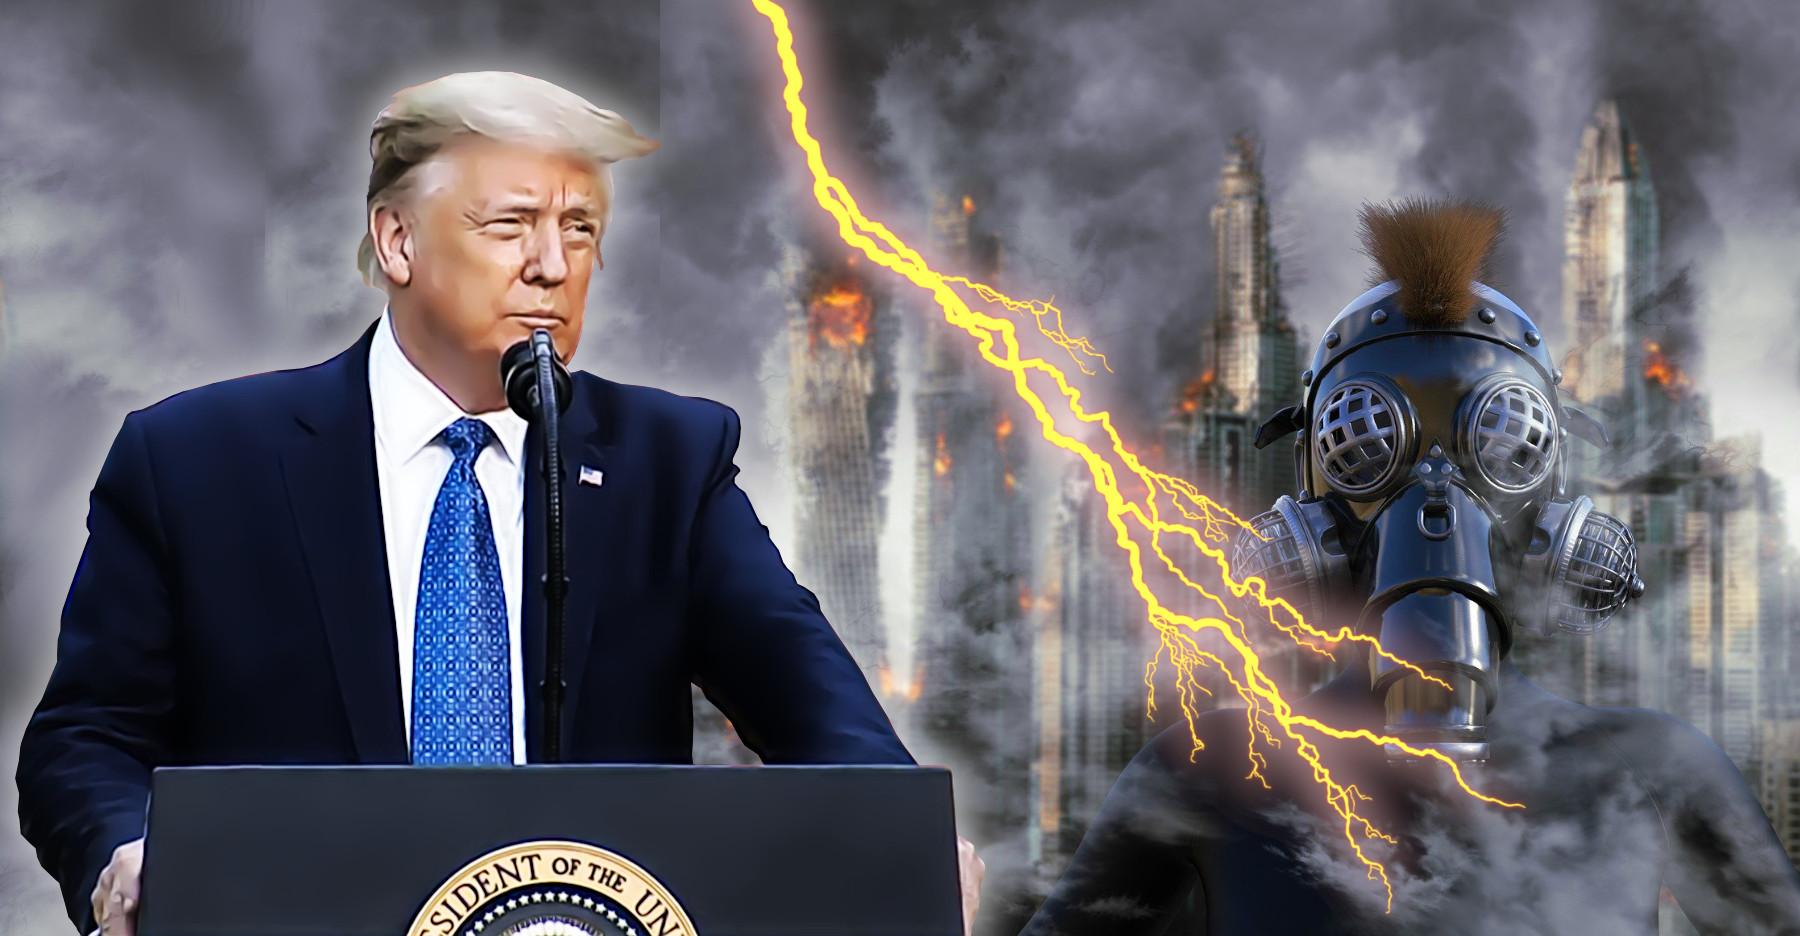 """Donald Trump: """"Pour Mettre Fin à La Violence"""""""